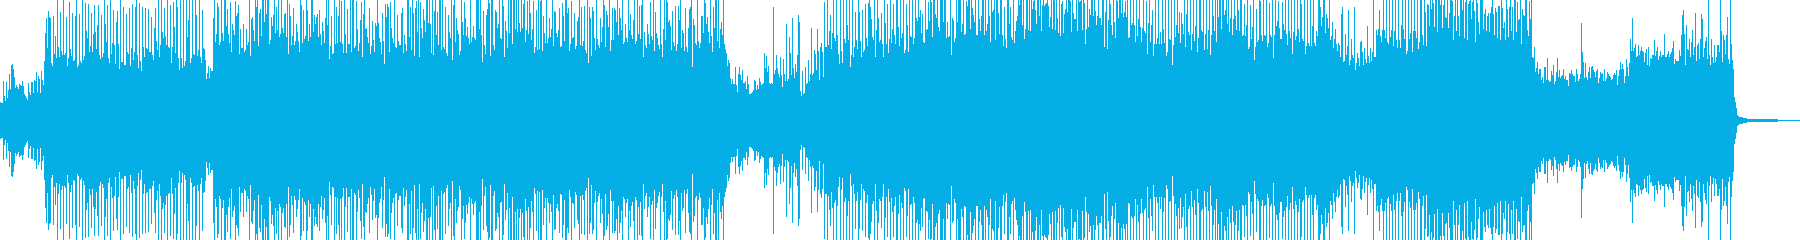 メルヘン・ファンタジックなロック Lの再生済みの波形